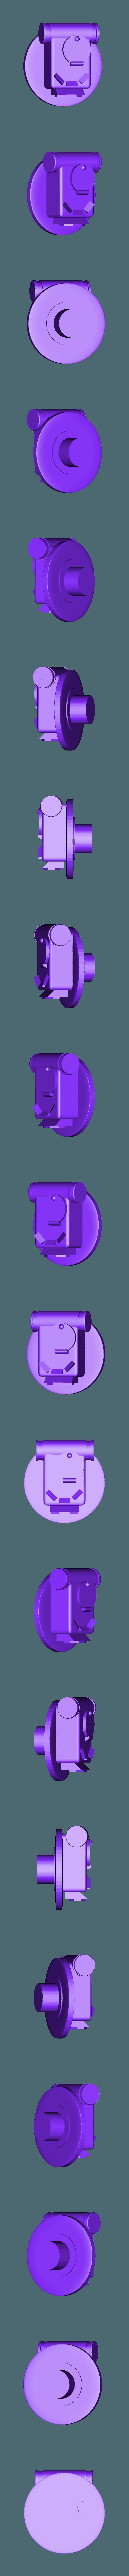 Turret_no_guns.stl Télécharger fichier STL gratuit ork / orc Flak tank 28mm wargames véhicule • Modèle imprimable en 3D, redstarkits